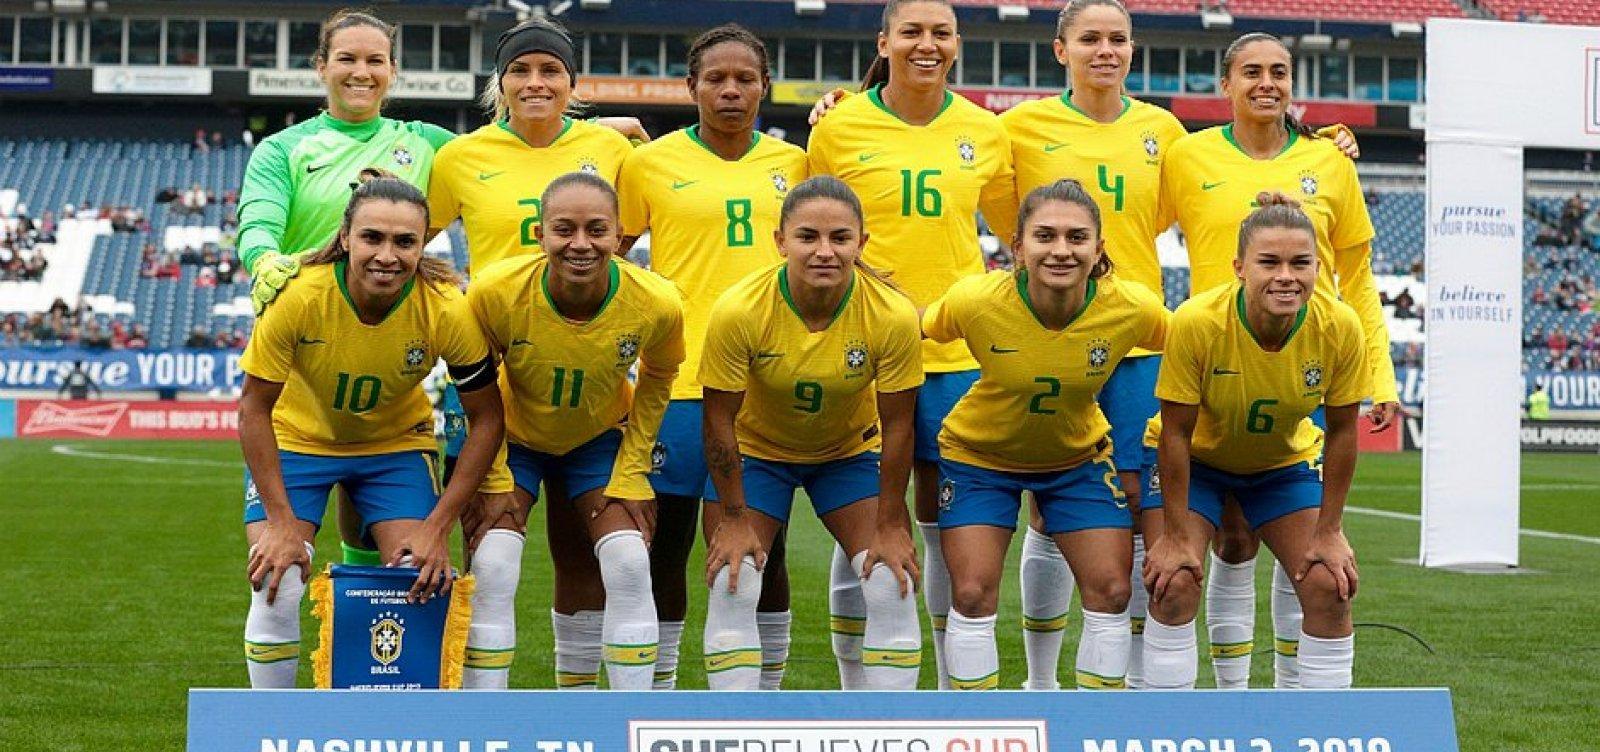 [Fifa cria novos prêmios femininos para promover igualdade de gênero]